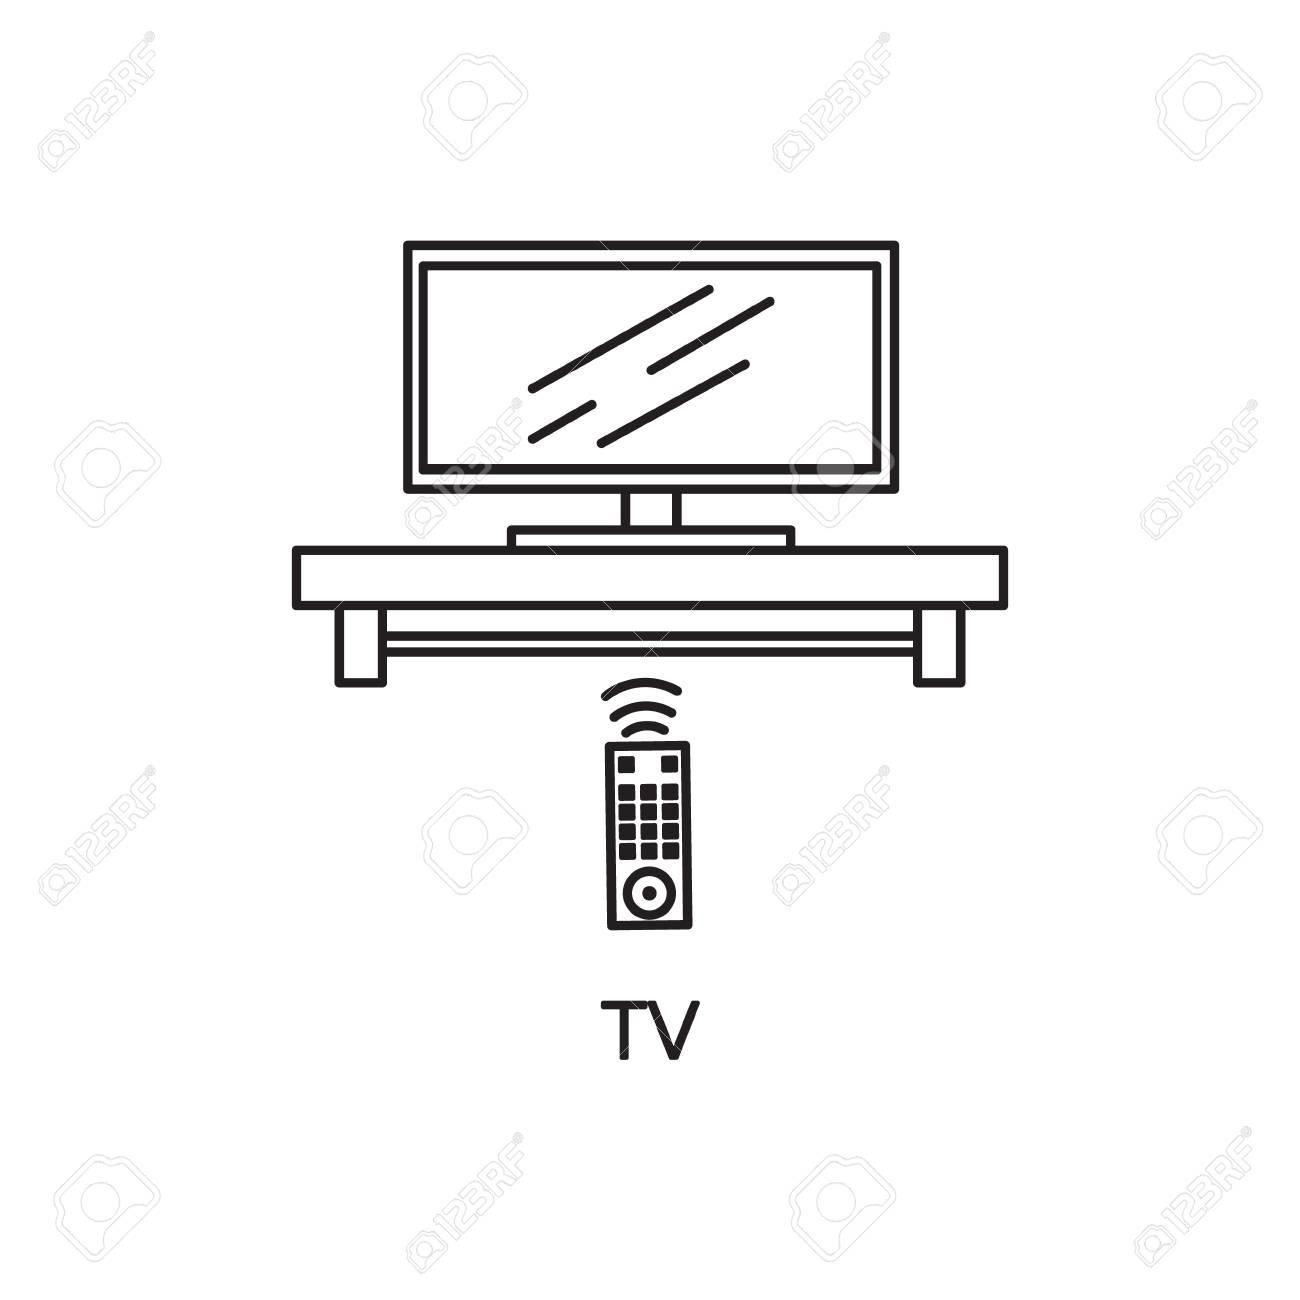 TV Flach Symbol. Hochwertige Umriss Piktogramm Element Für ...